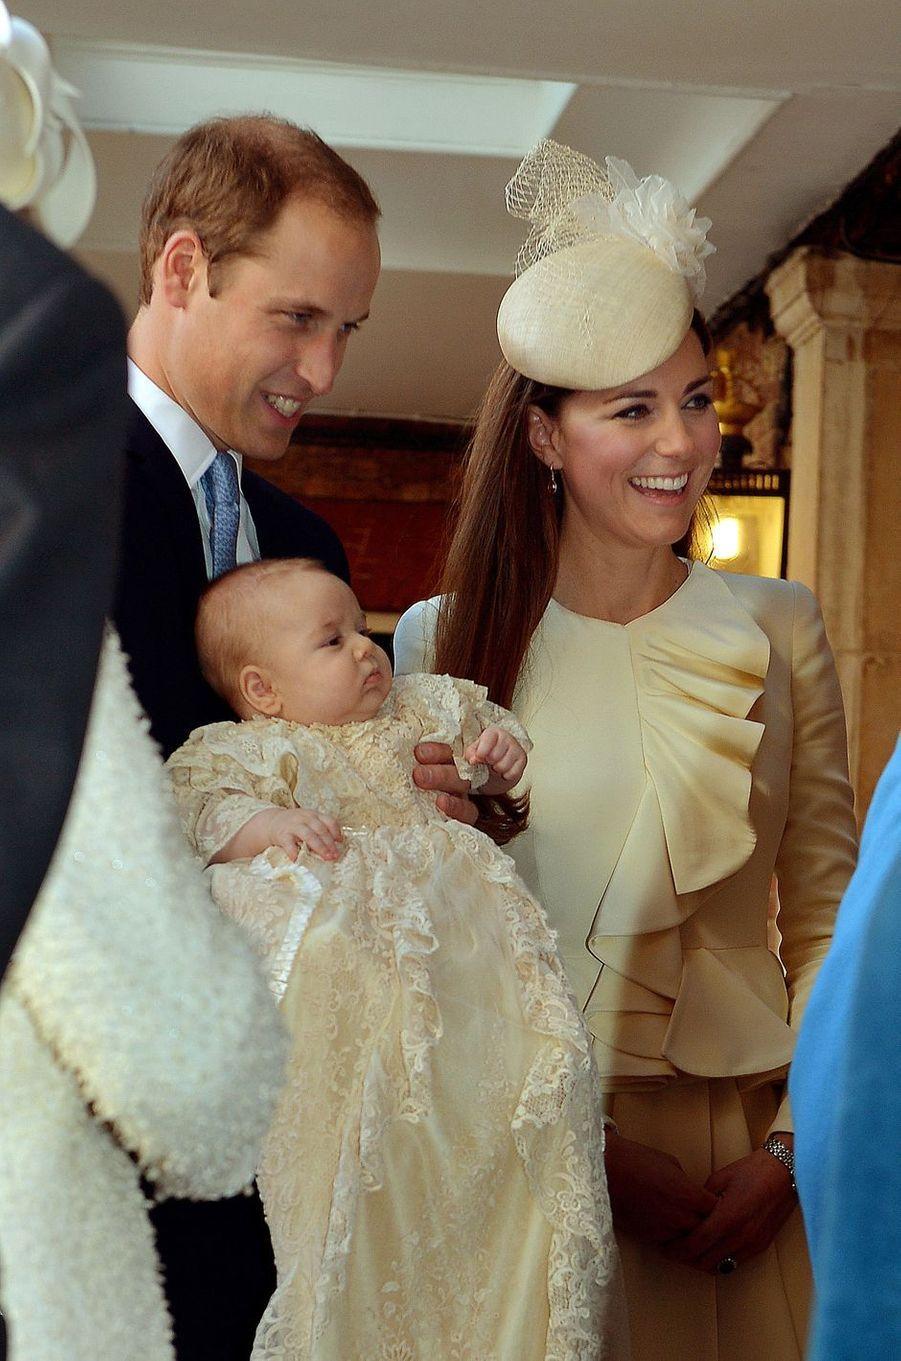 Le prince George de Cambridge, le 23 octobre 2013, jour de son baptême, avec ses parents le prince William et Kate Middleton